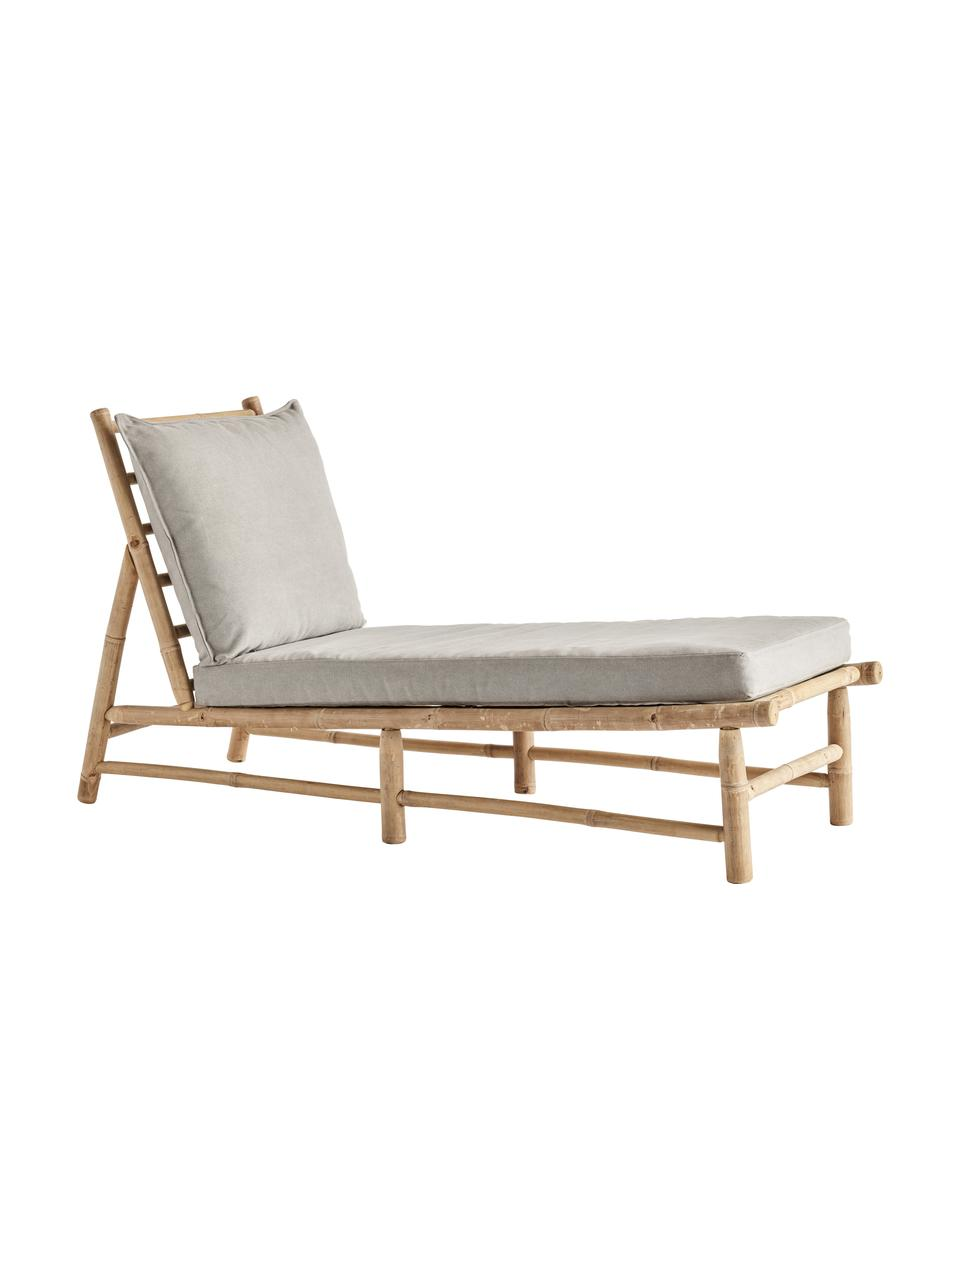 Leżak ogrodowy z drewna bambusowego Bamslow, Stelaż: drewno bambusowe, Tapicerka: 100% bawełna, Szary, brązowy, S 150 x G 55 cm